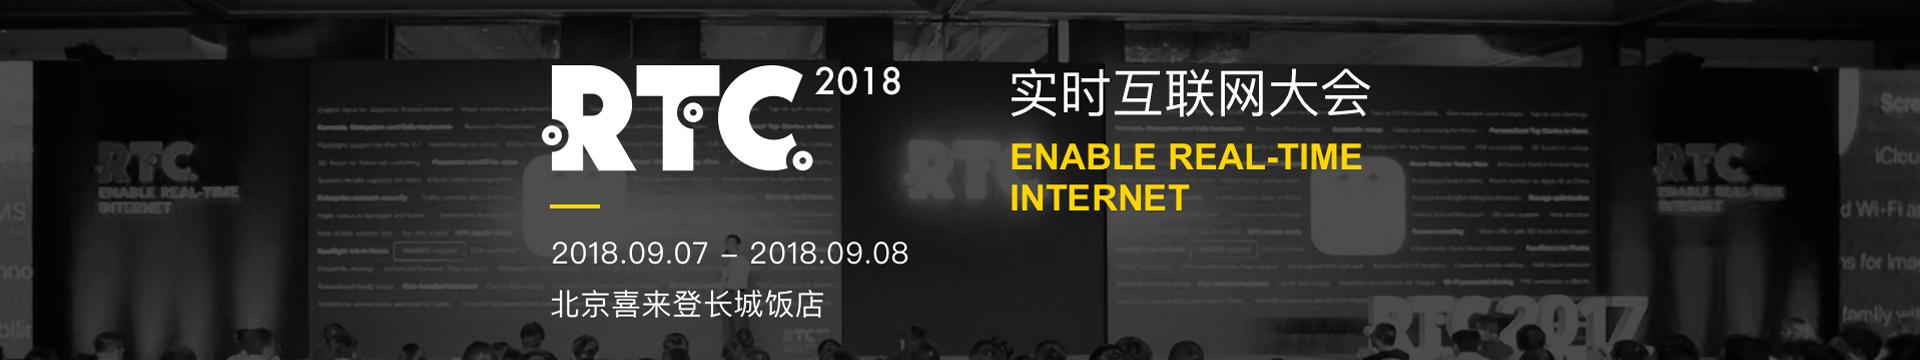 2018 RTC 实时互联网大会